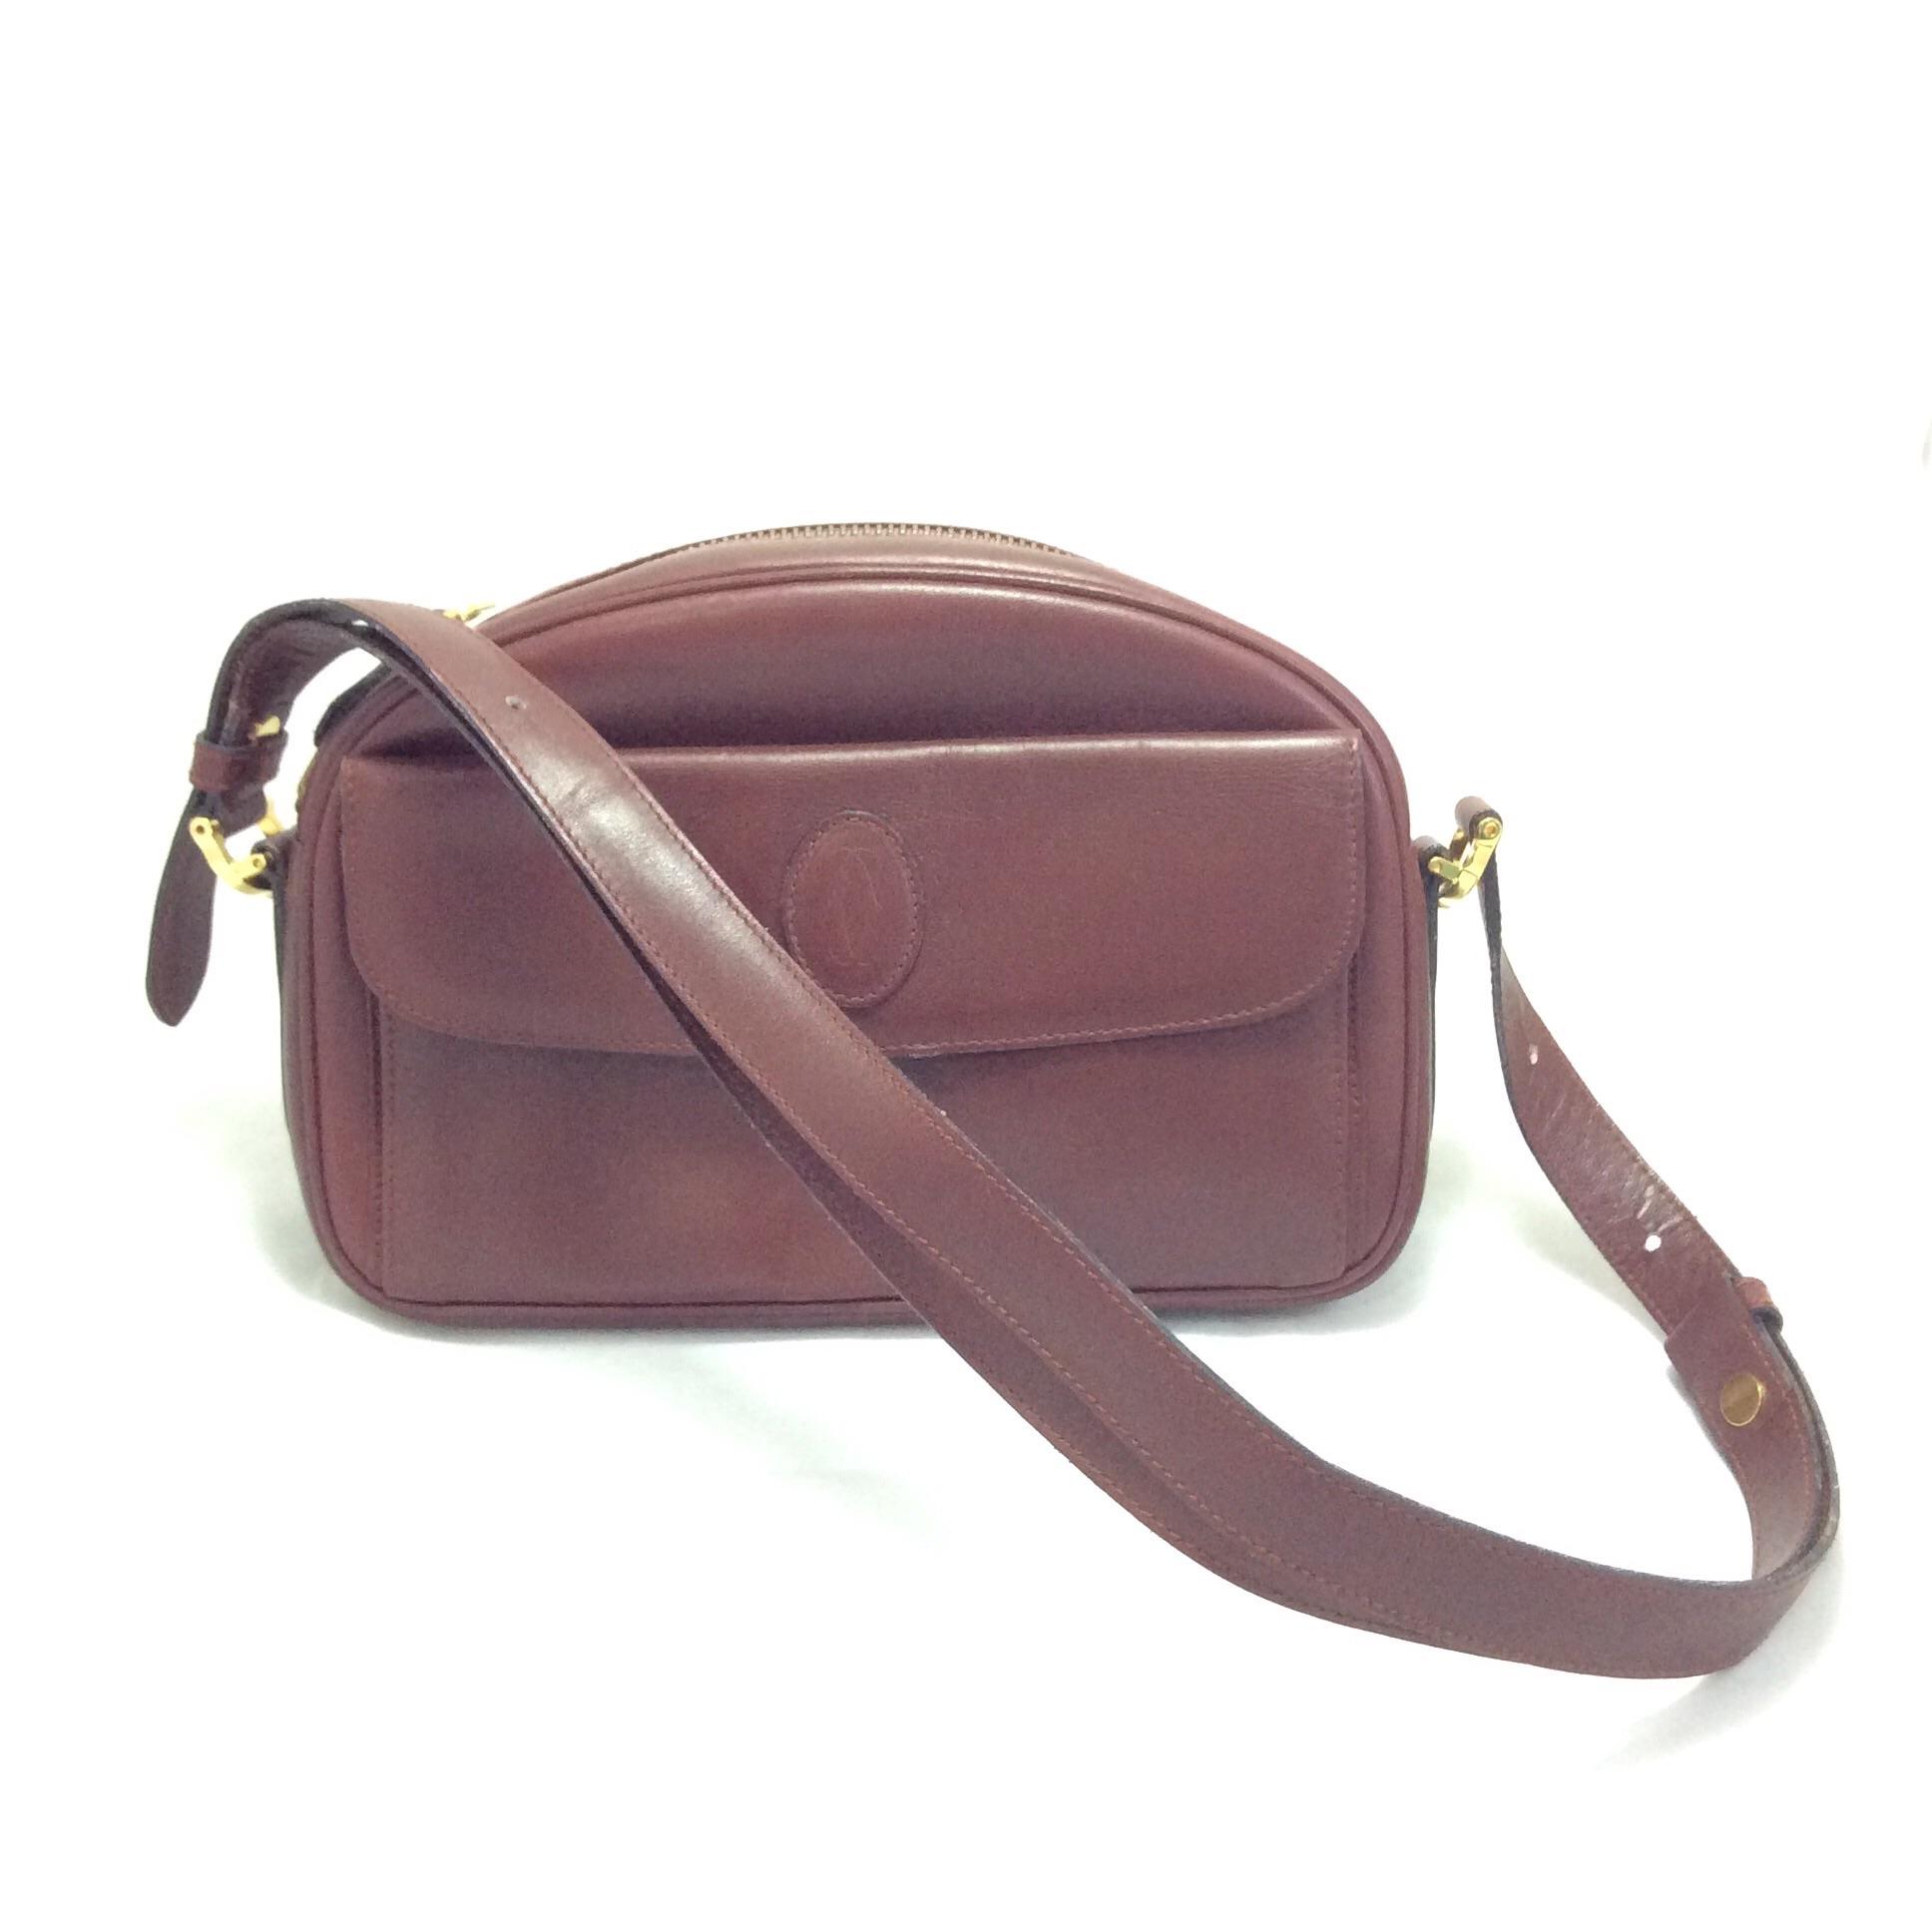 [SOLDOUT]กระเป๋า Cartier ทรงโดม สีแดงสุดคลาสสิก คาร์เทียร์รุ่นวินเทจ หายากแล้วค่ะ